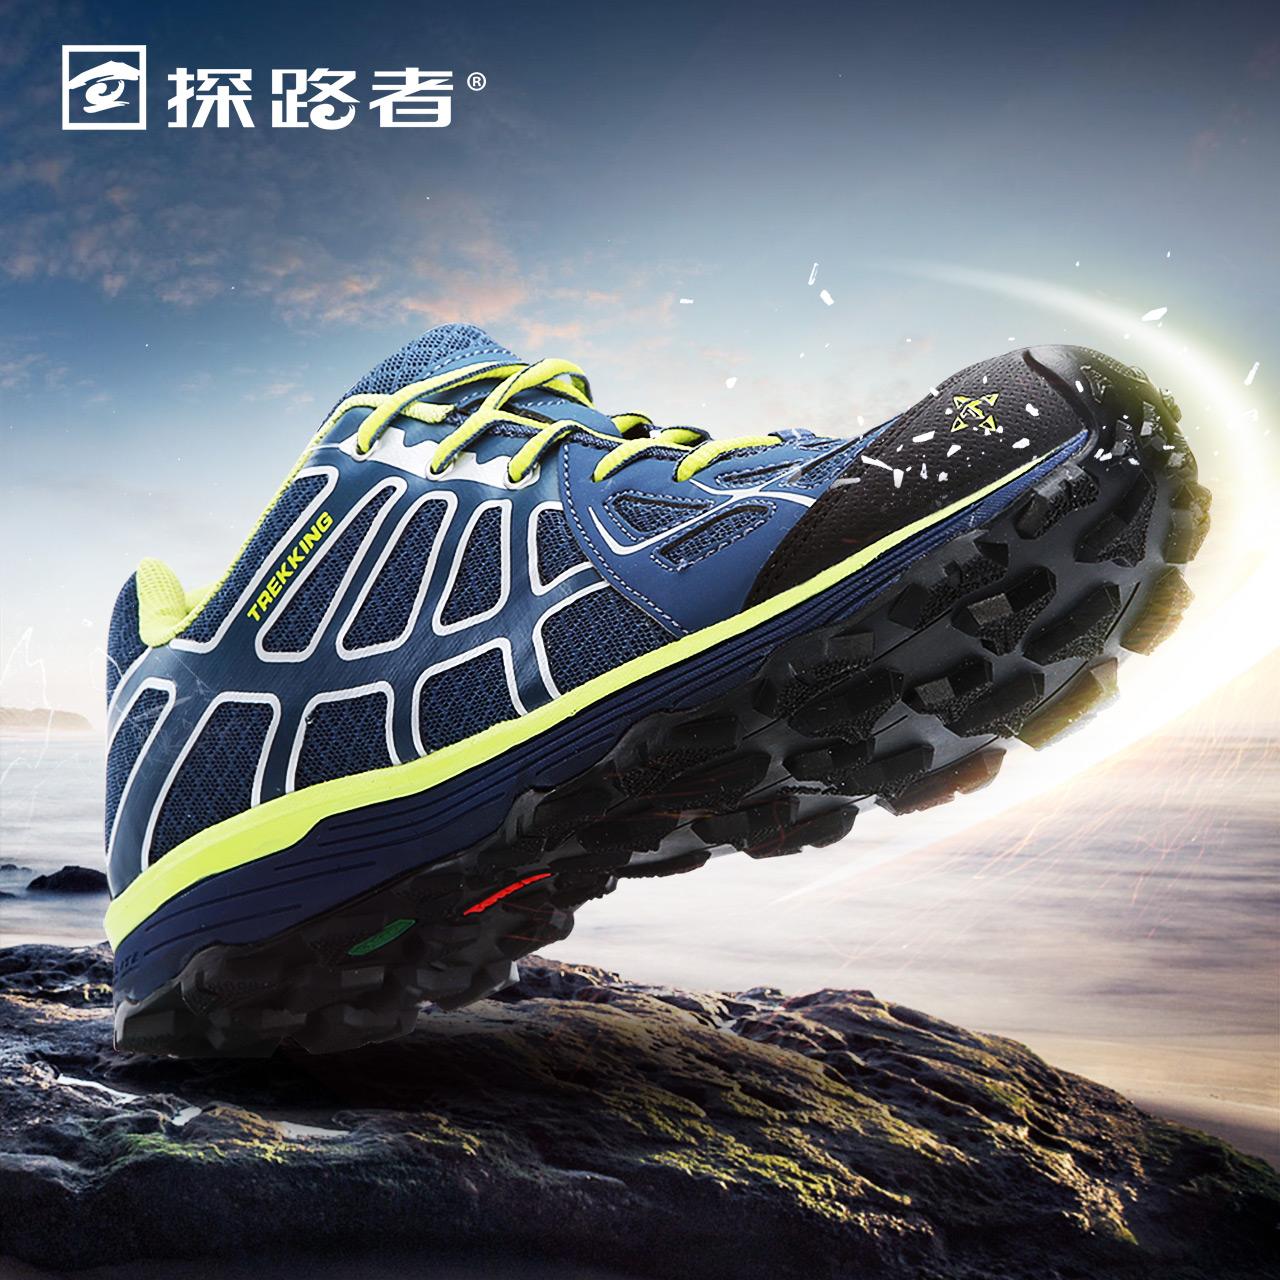 探路者户外徒步鞋春夏季男鞋 透气防滑耐磨 登山鞋女鞋TFAD81303